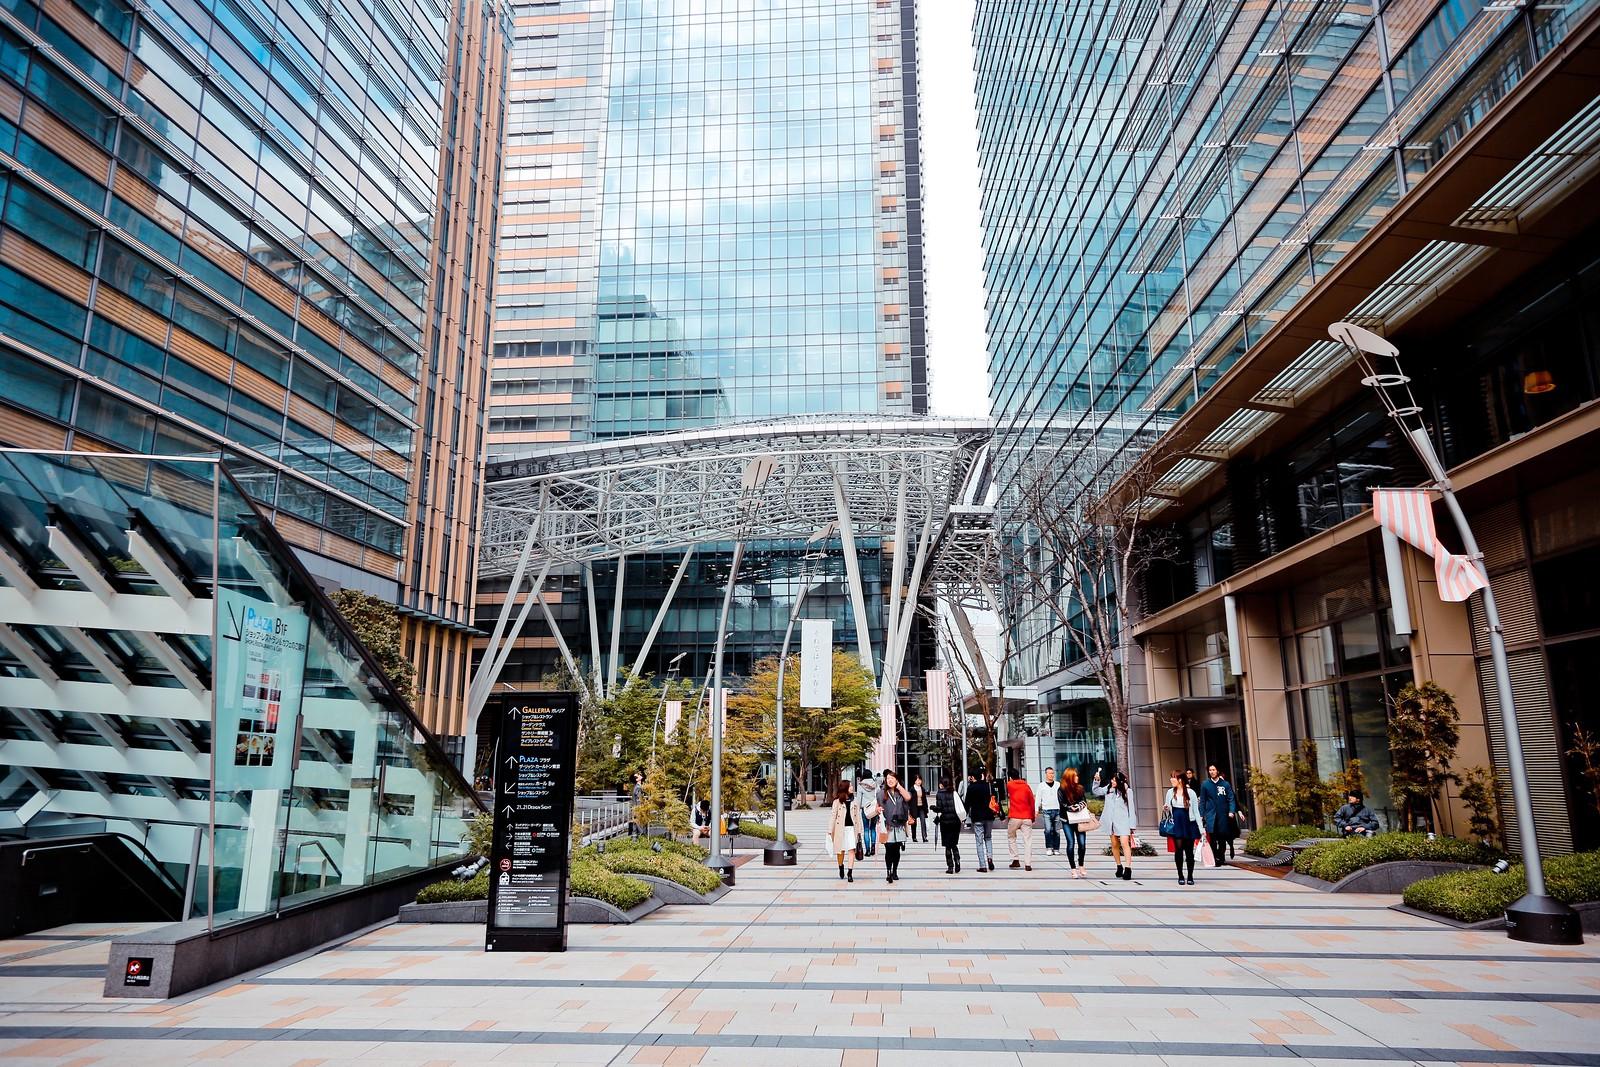 東京六本木中城 | 日本東京自由行攻略 ⋆ 慢旅行 x 西文